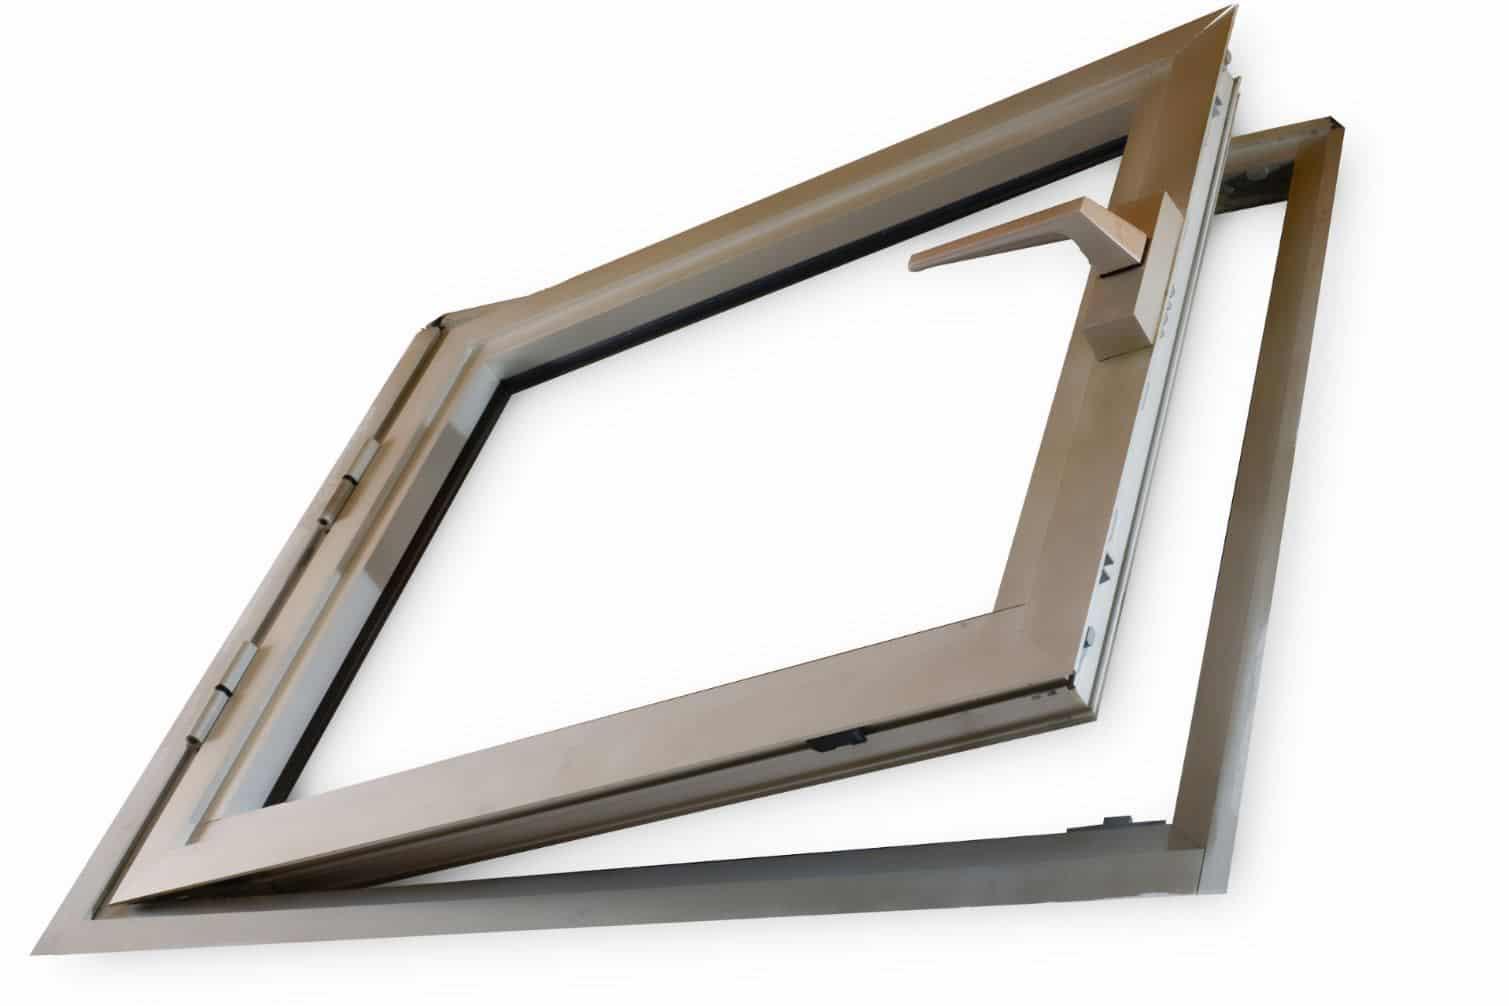 fenetre de toit aluminium. Black Bedroom Furniture Sets. Home Design Ideas